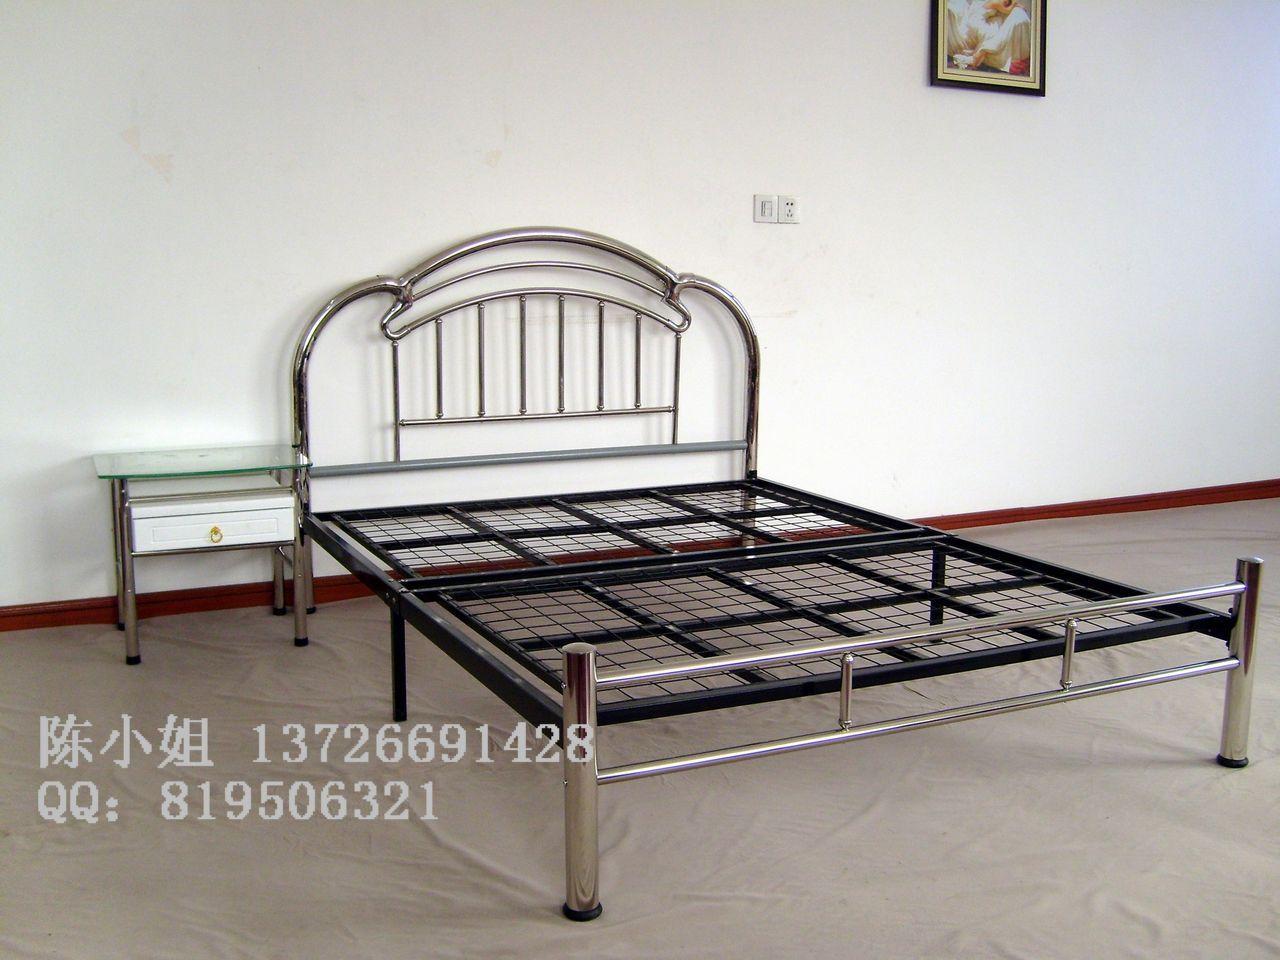 专业生产家用不锈钢床,精品不锈钢床订做